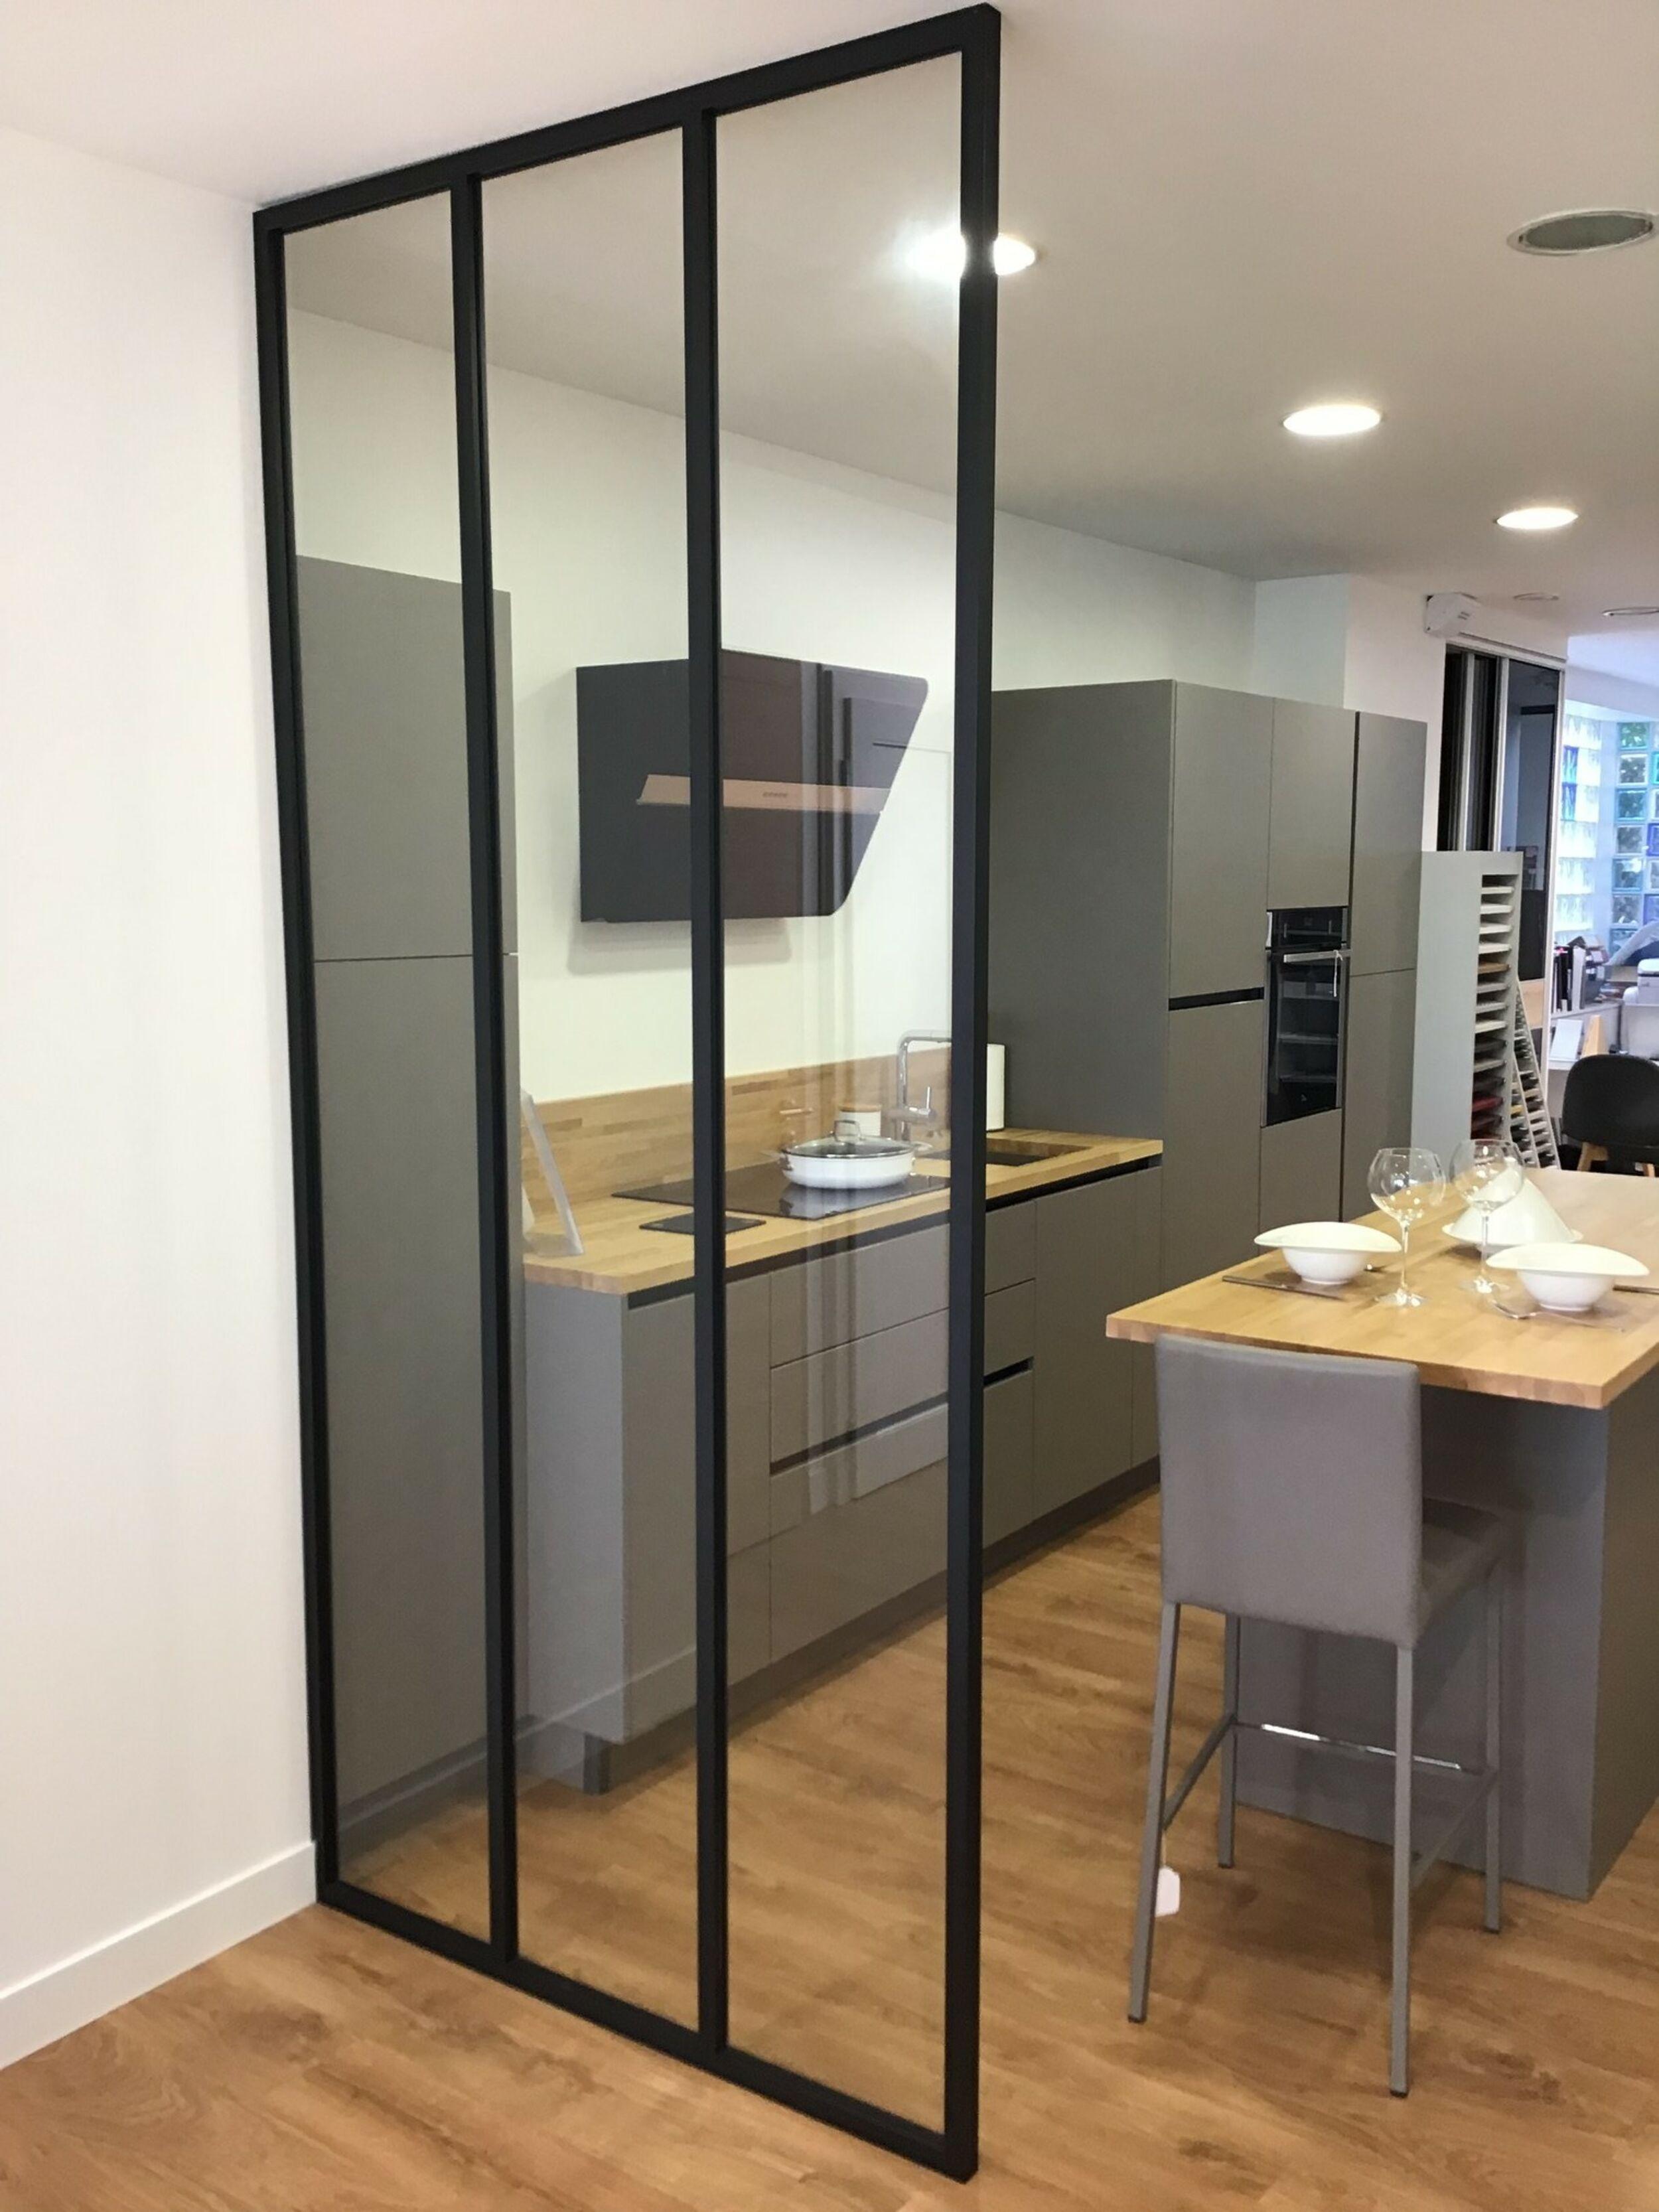 Verrière indu : cloison de séparation entre cuisine et entrée